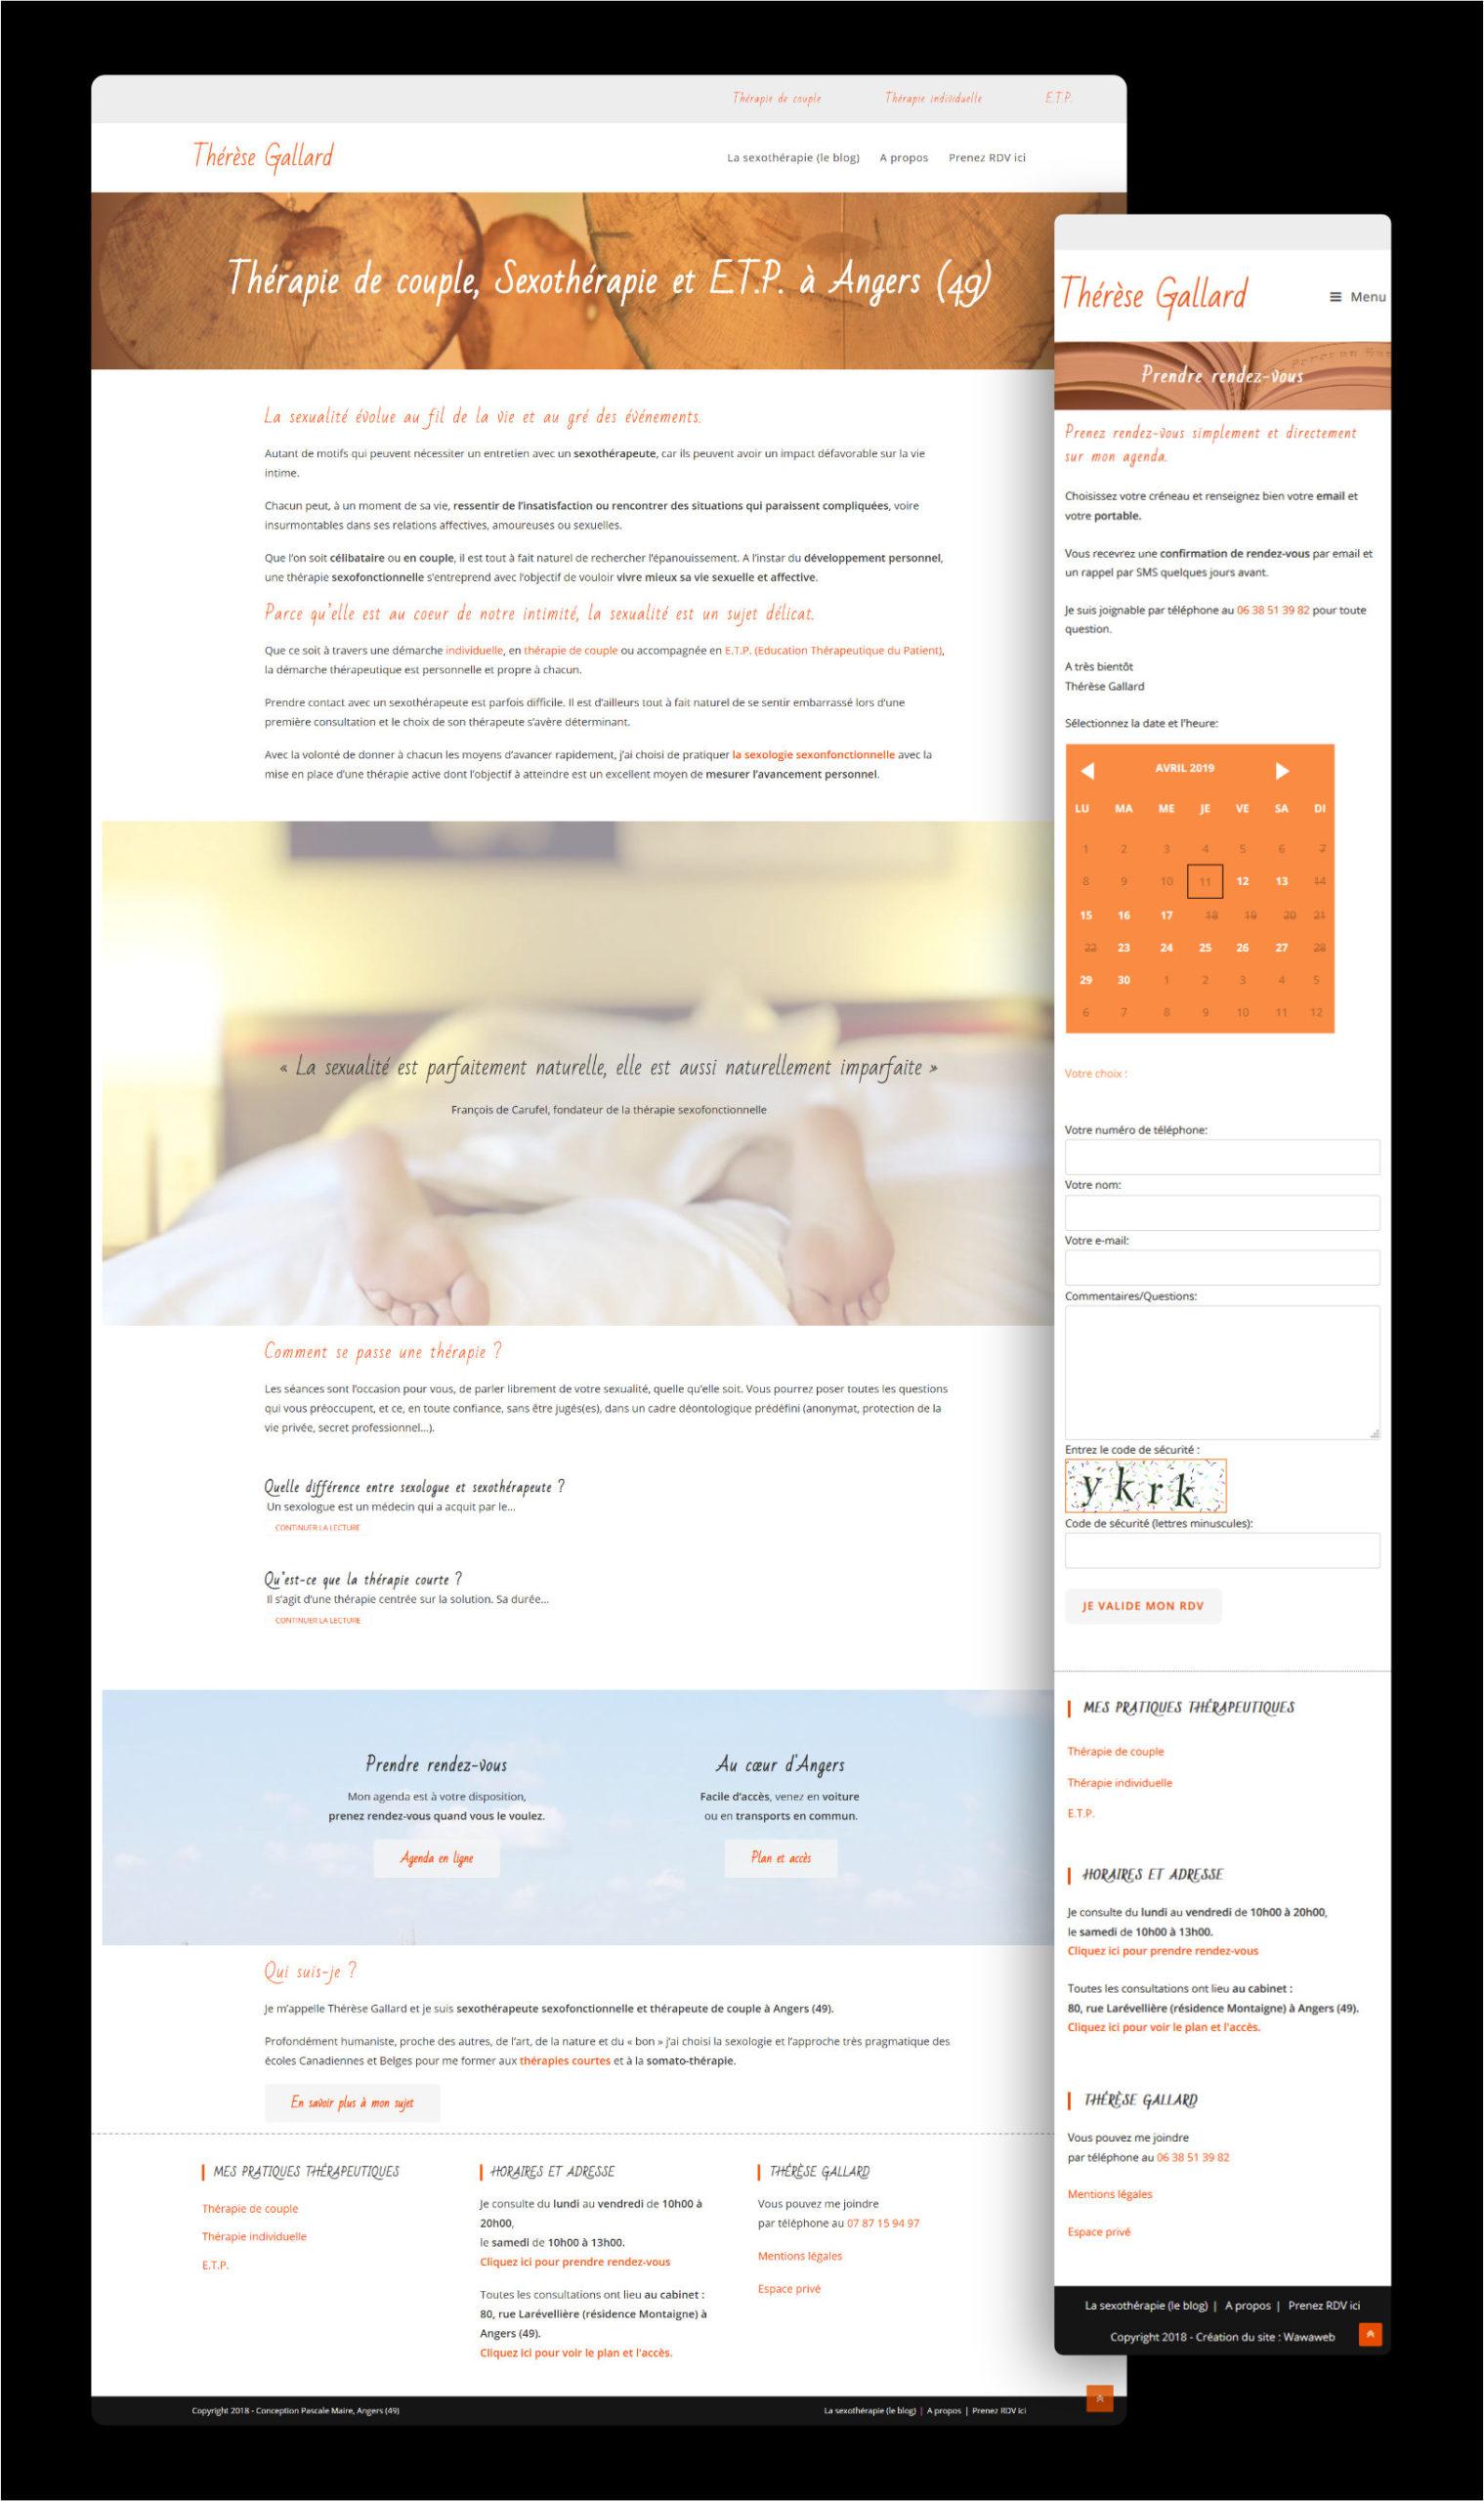 Wawaweb - Pascale Maire - Webdesigner indépendant - boutique en ligne pour Thérèse Gallard, Thérapeute sexonfonctionnelle à Angers